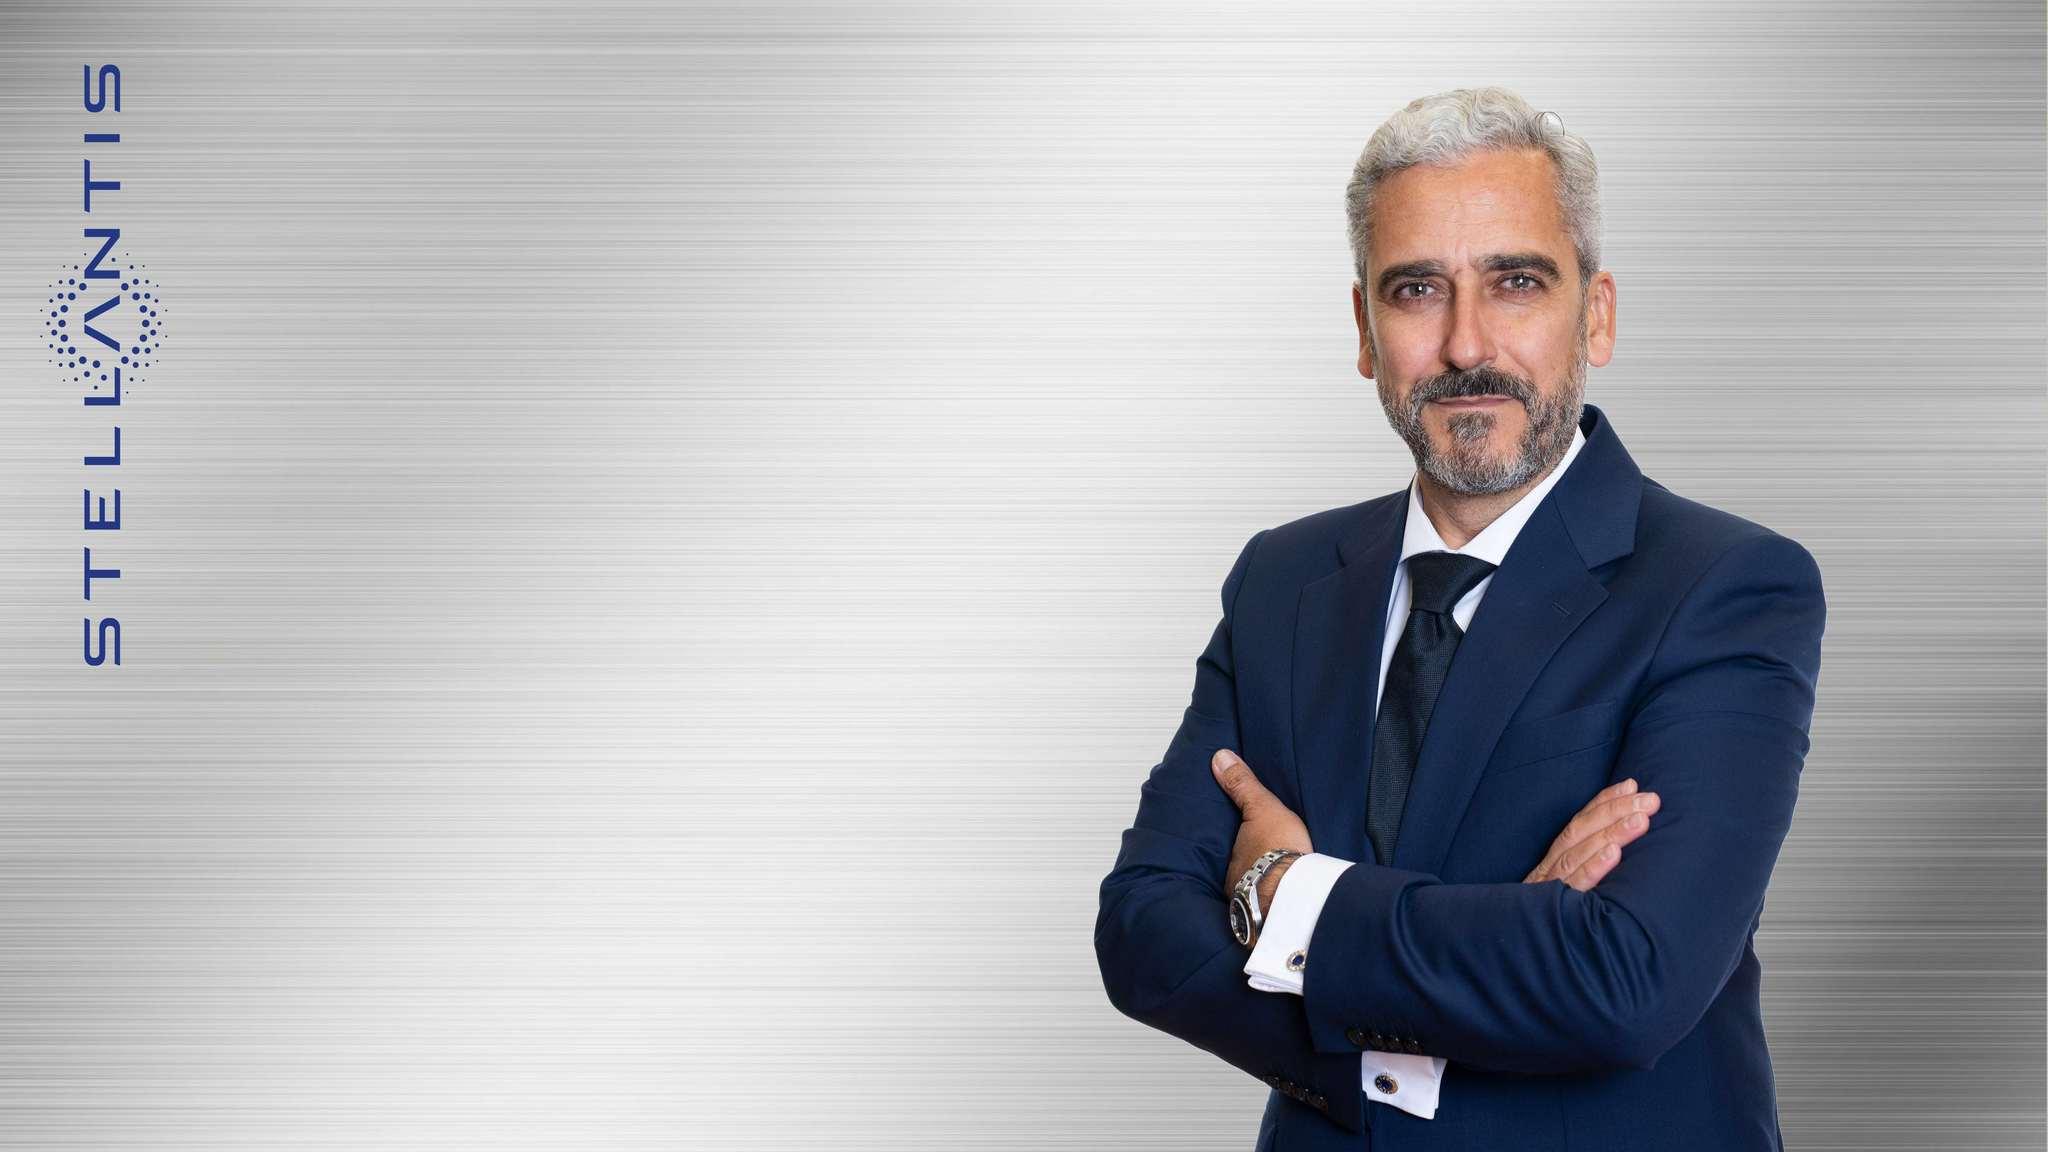 José Antonio León Capitán, nuevo director de Comunicación y Relaciones Institucionales de Stellantis en la Península Ibérica